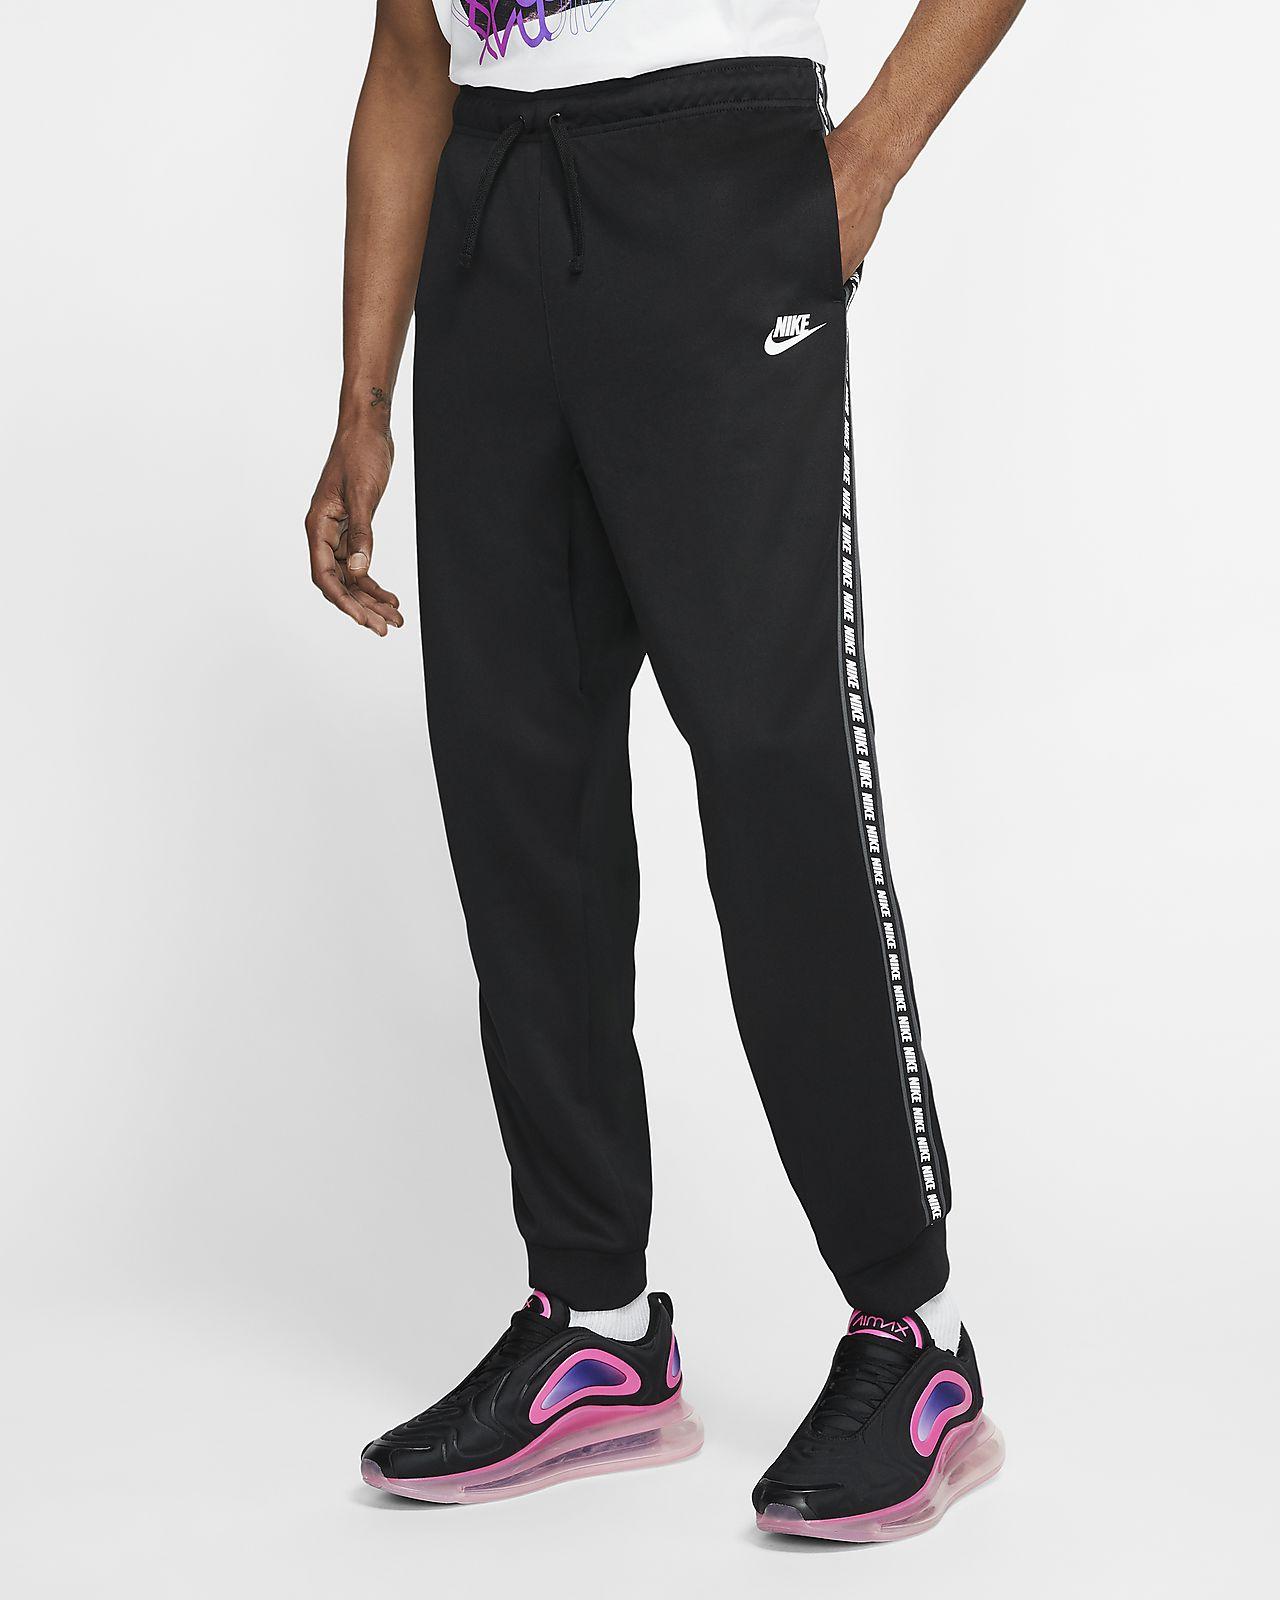 Calças Nike de homem calcas branca , compare preços e compre